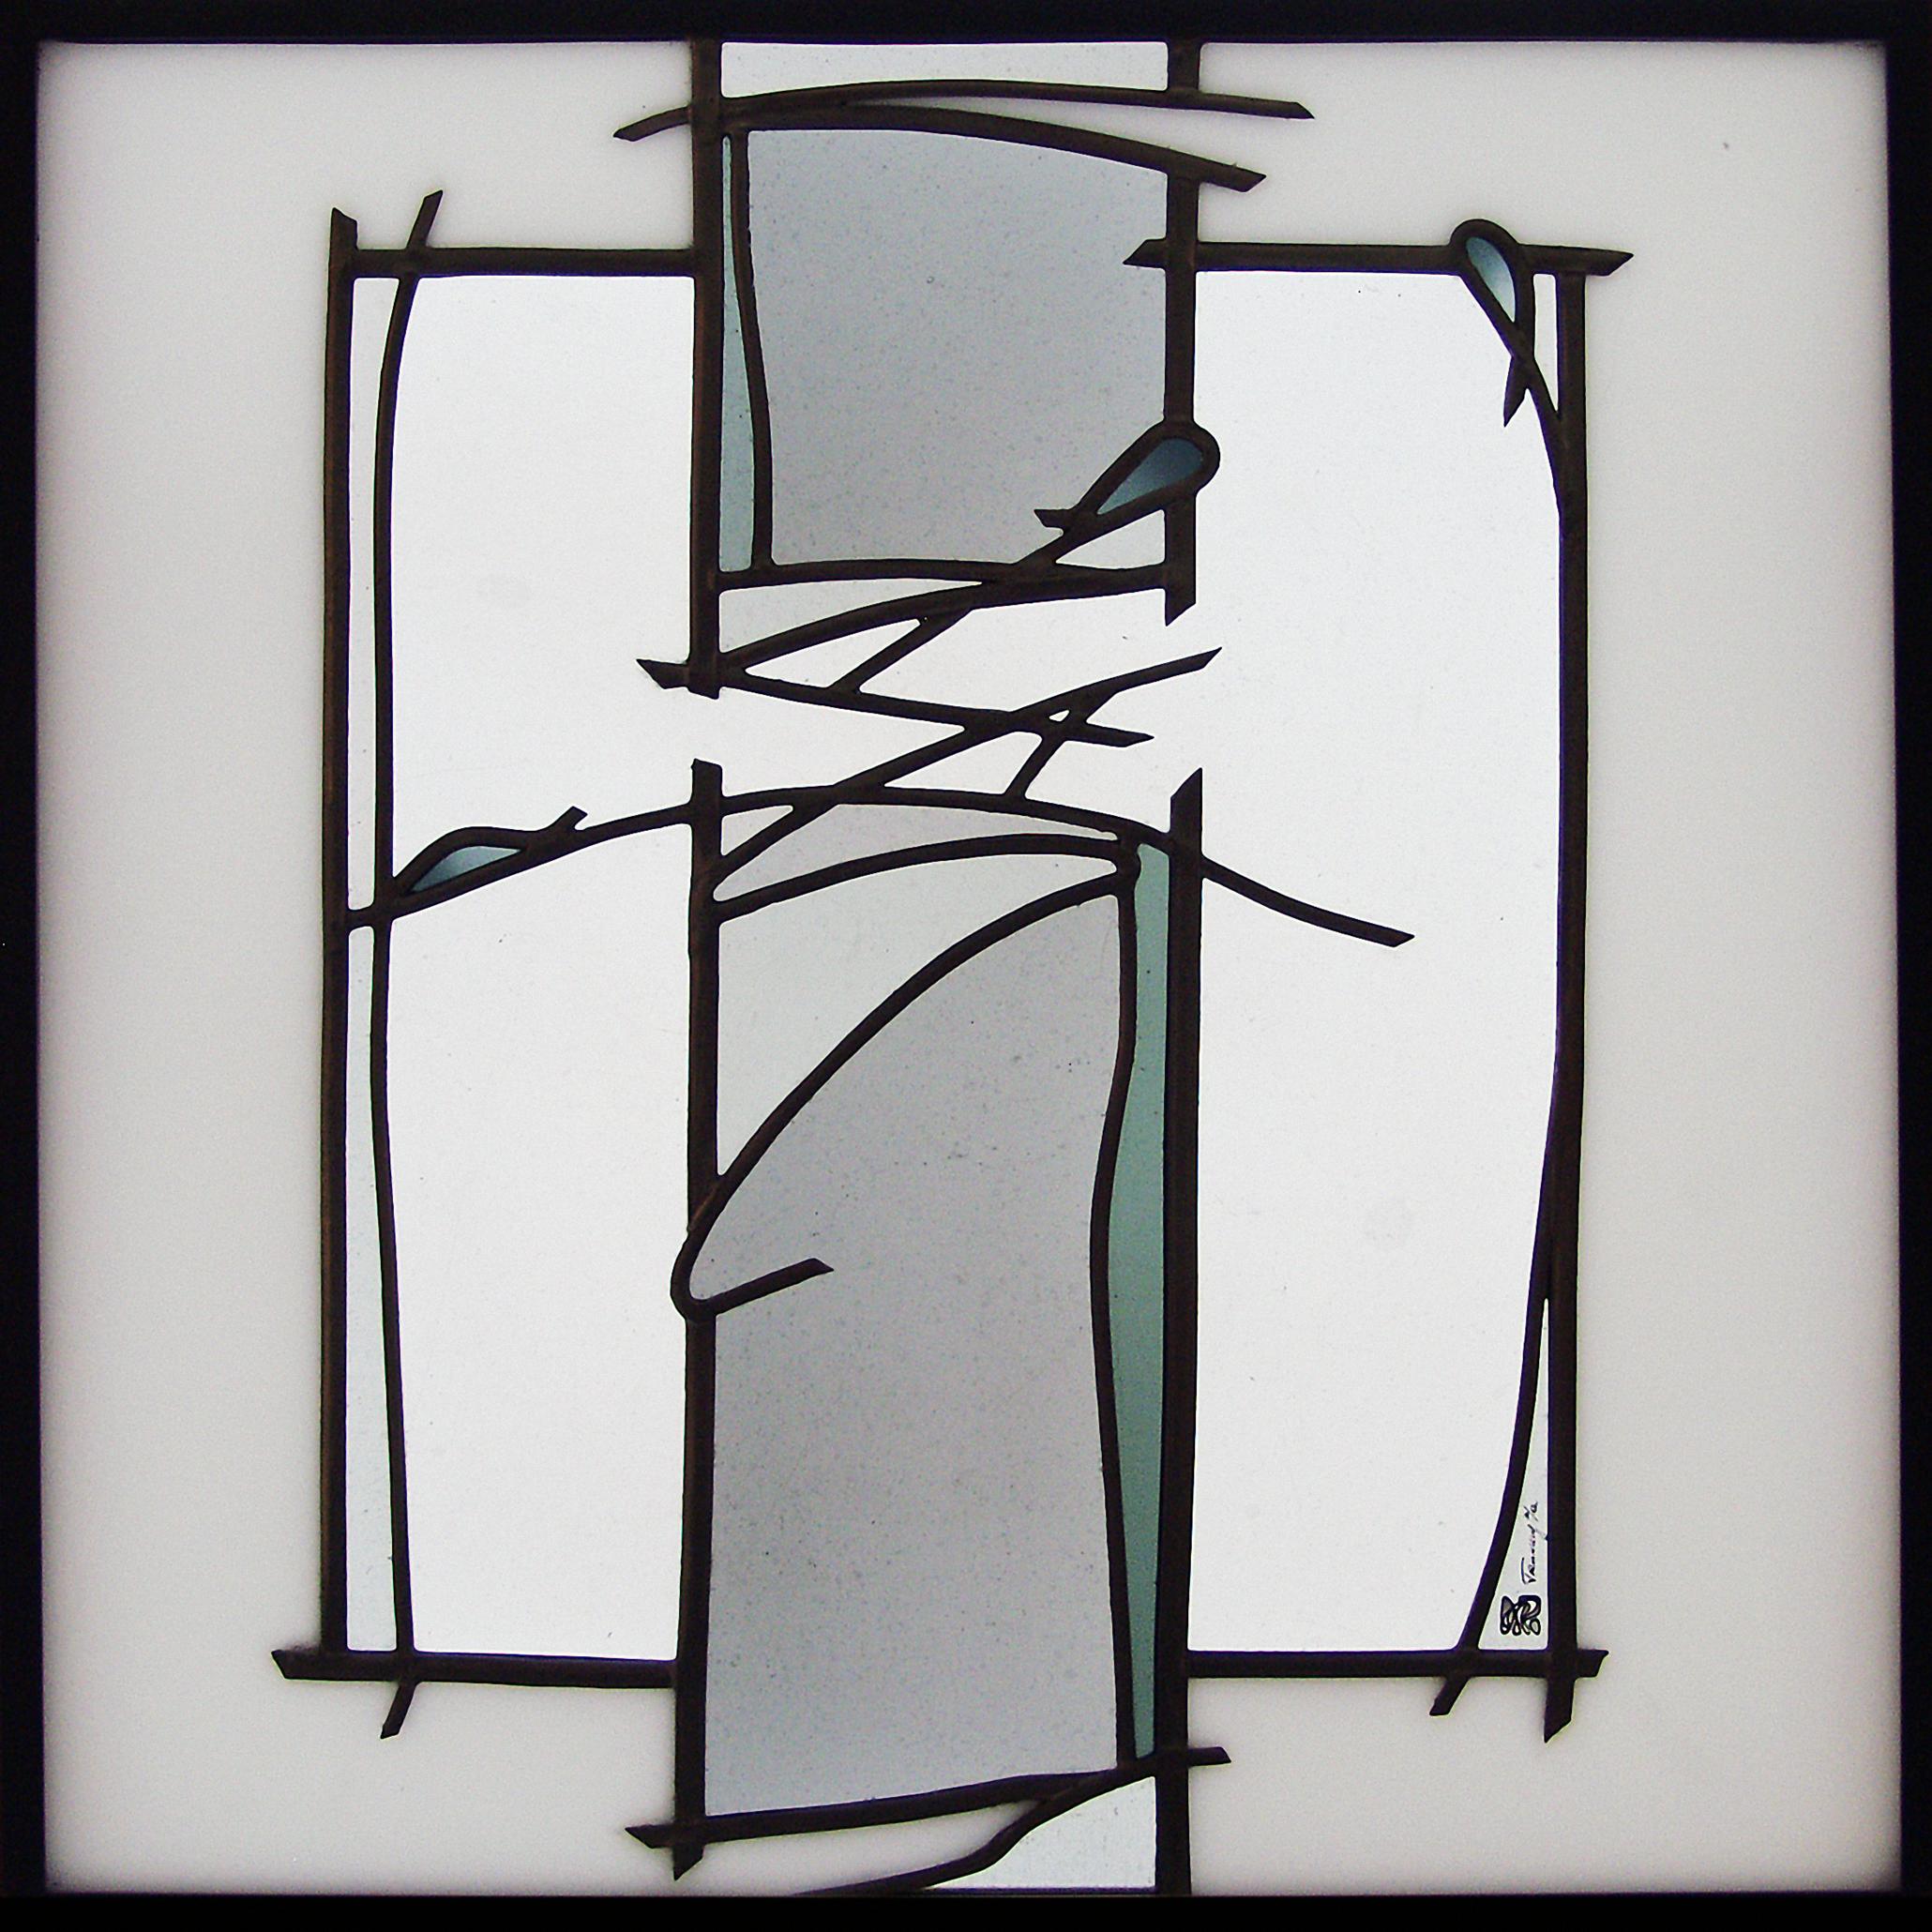 Trennung Glaskomposition verbleit Glas-Design -Glaskunst-Glasmalerei -Bleiverglasung